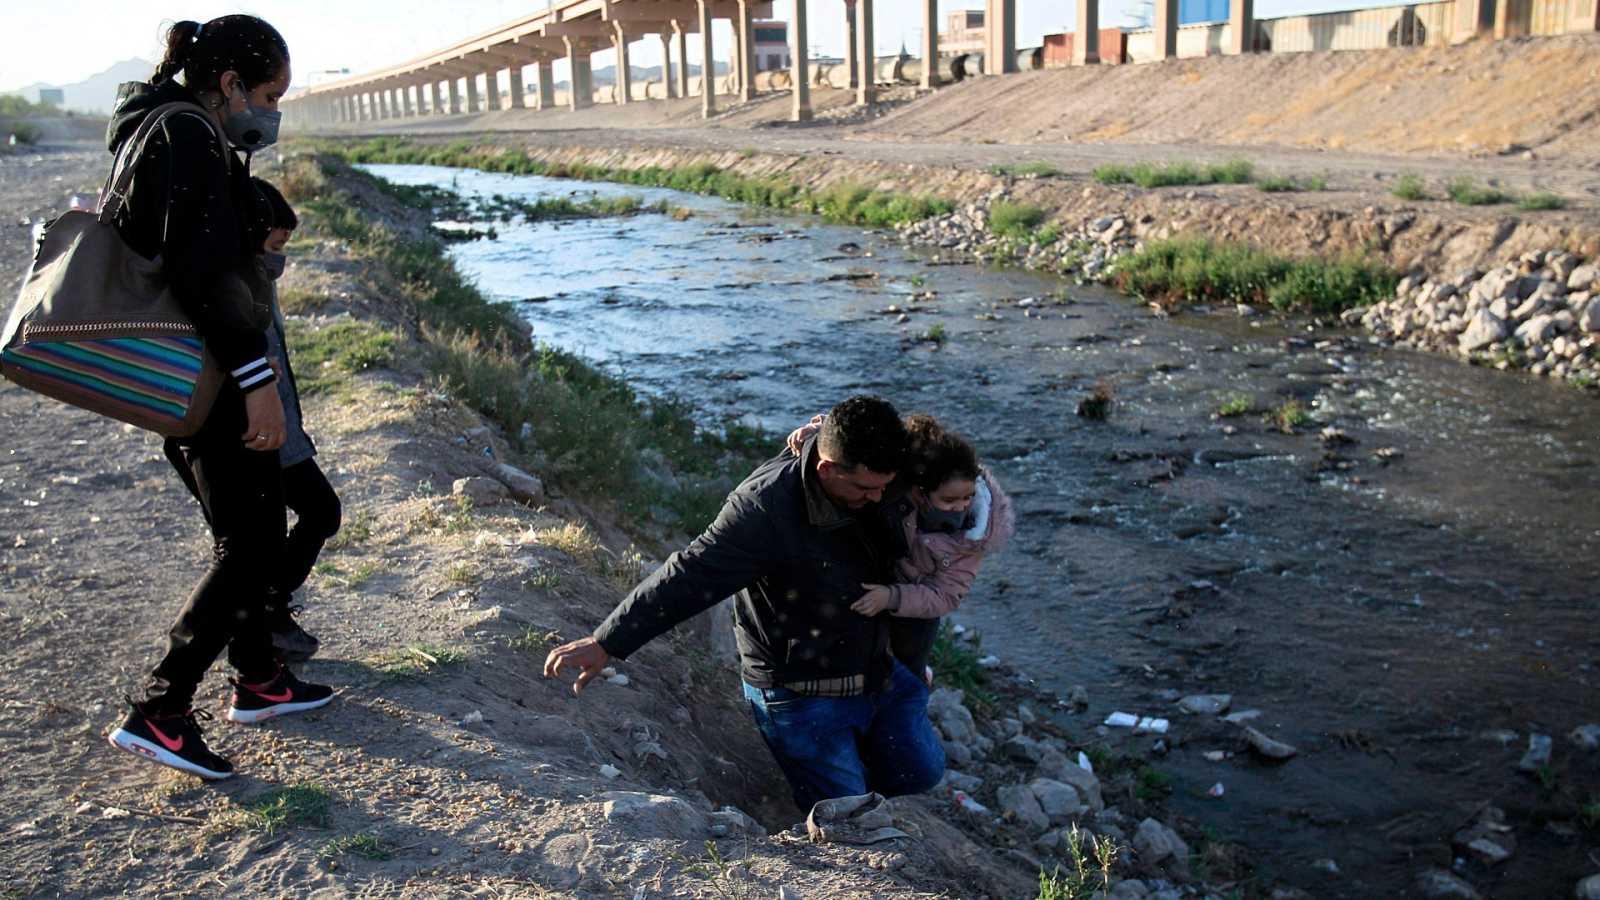 Una familia trata de acceder a los Estados Unidos cruzando el Rio Bravo